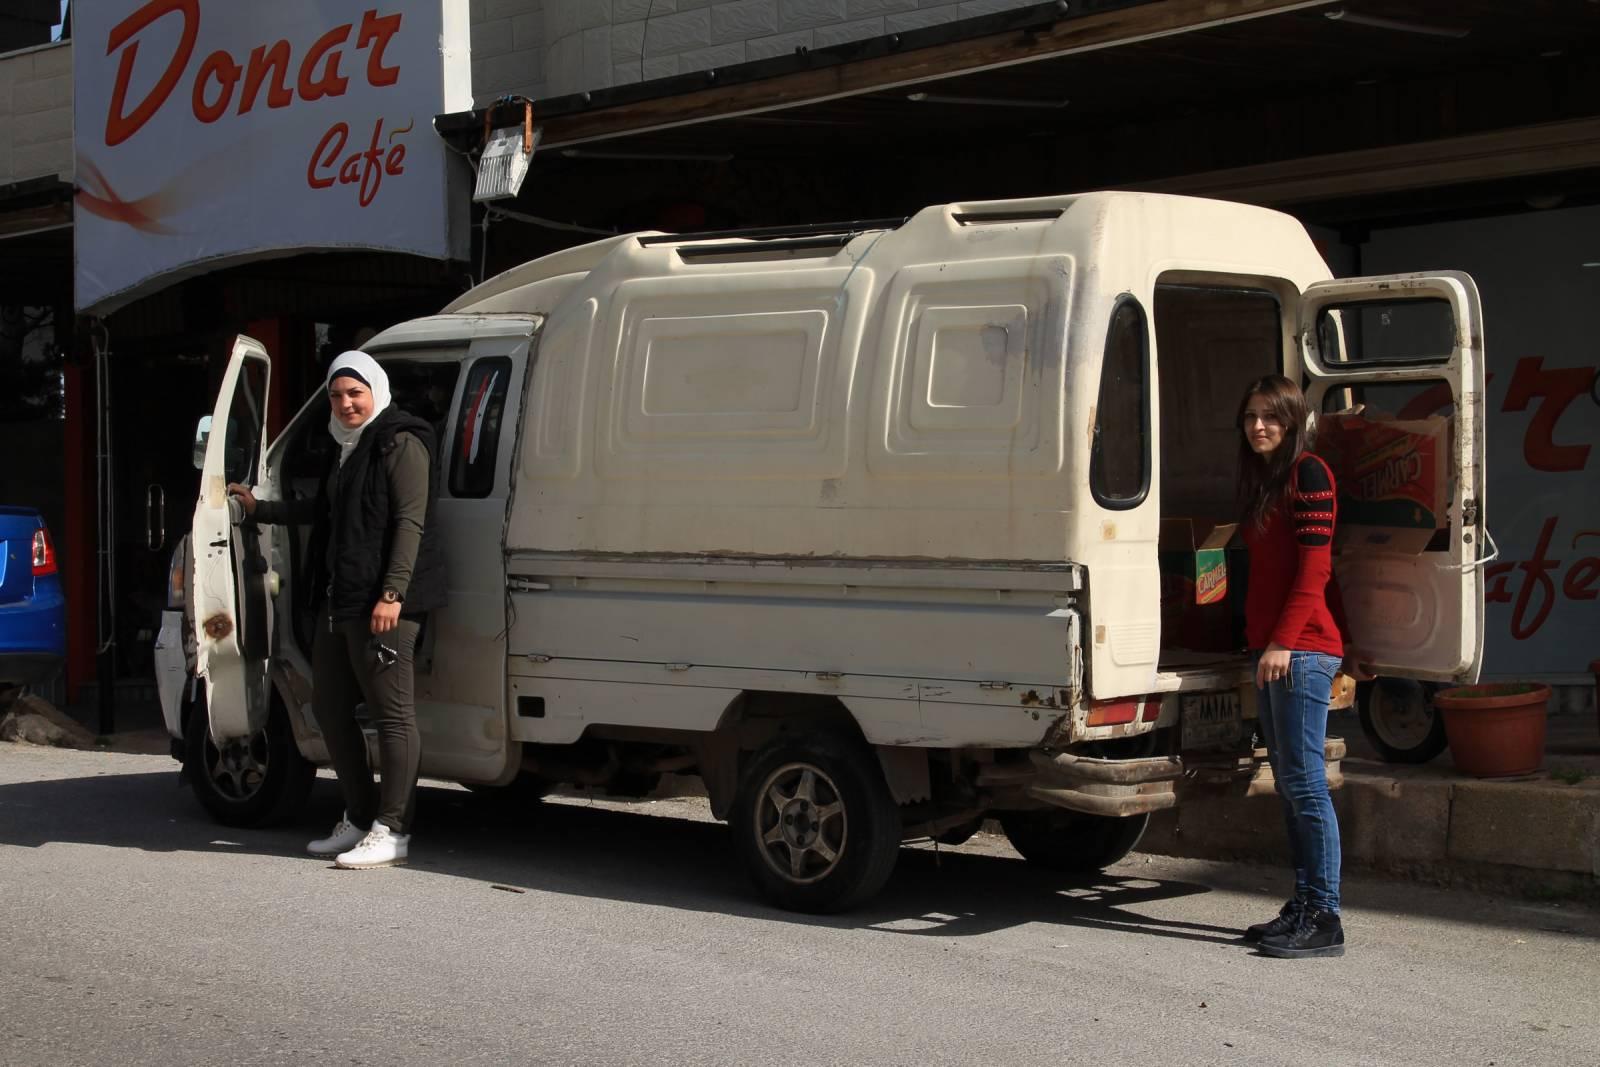 ديانا (يسار) وصديقتها (يمين) بجانب سيارة الفان التي تعمل بها/ هنا صوتك